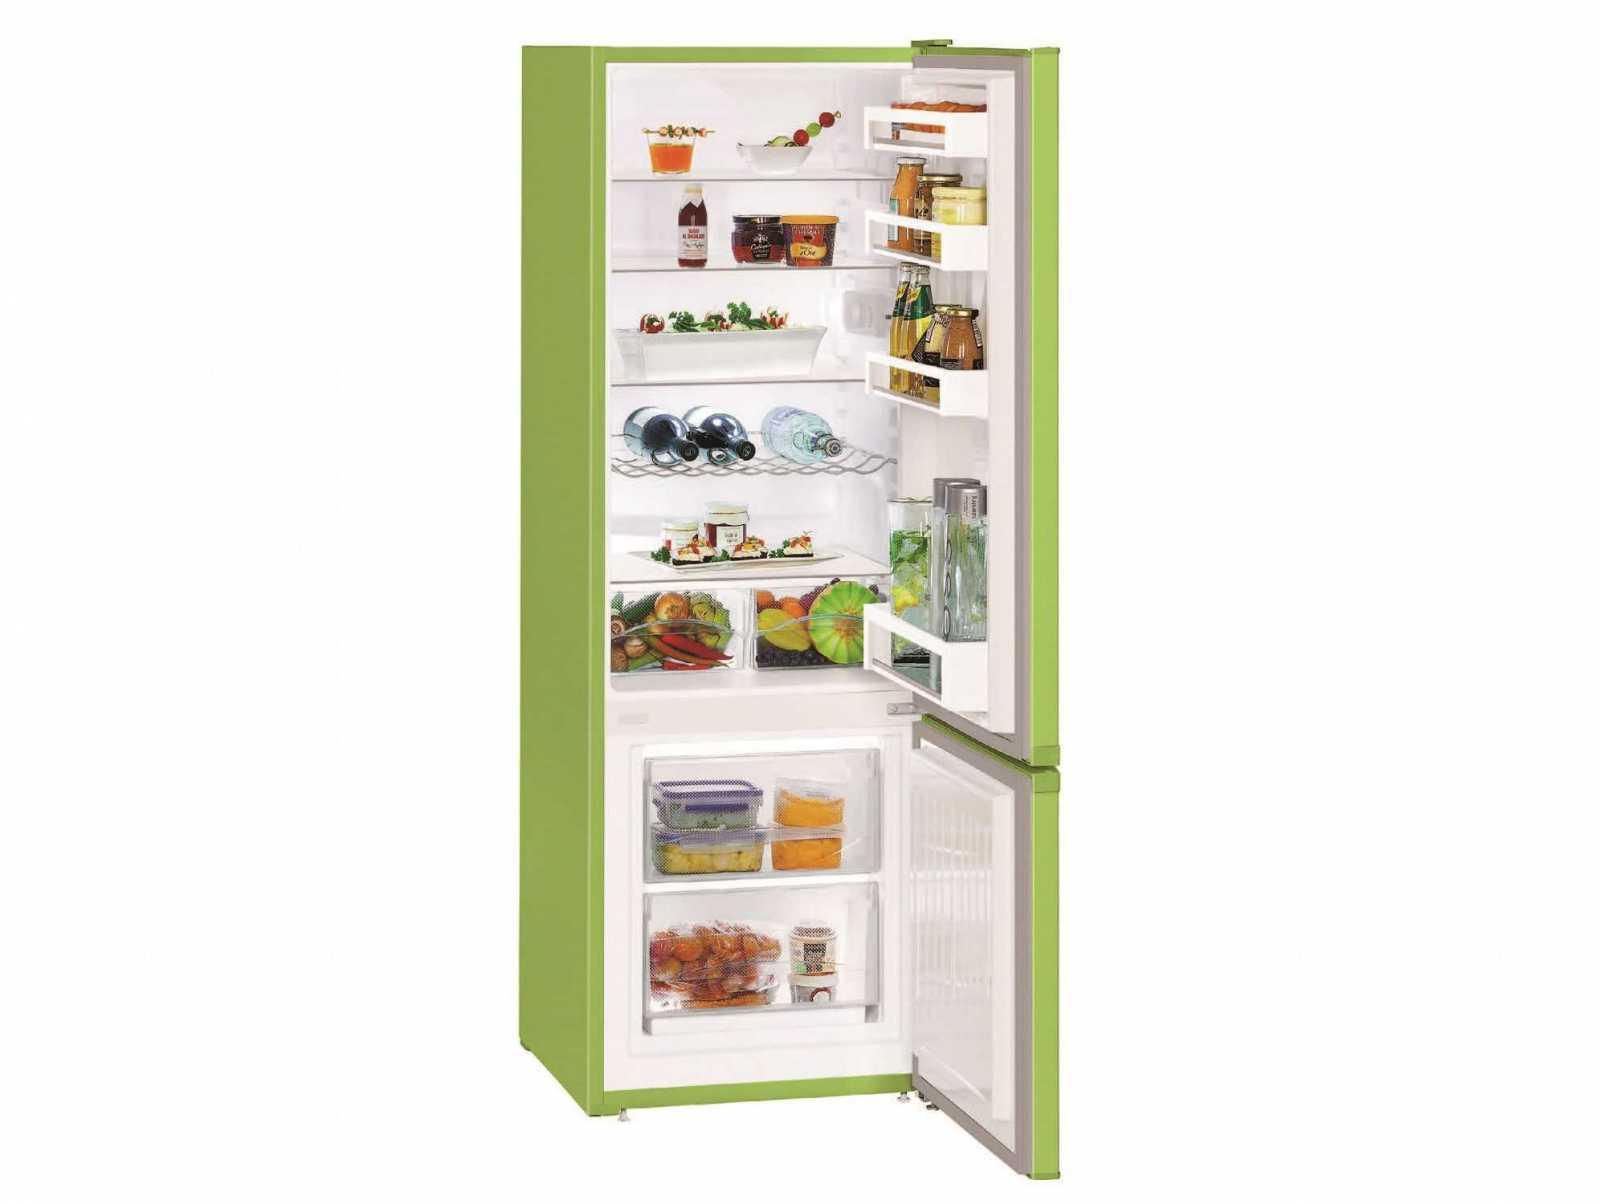 купить Двухкамерный холодильник Liebherr CUkw 2831 Украина фото 0